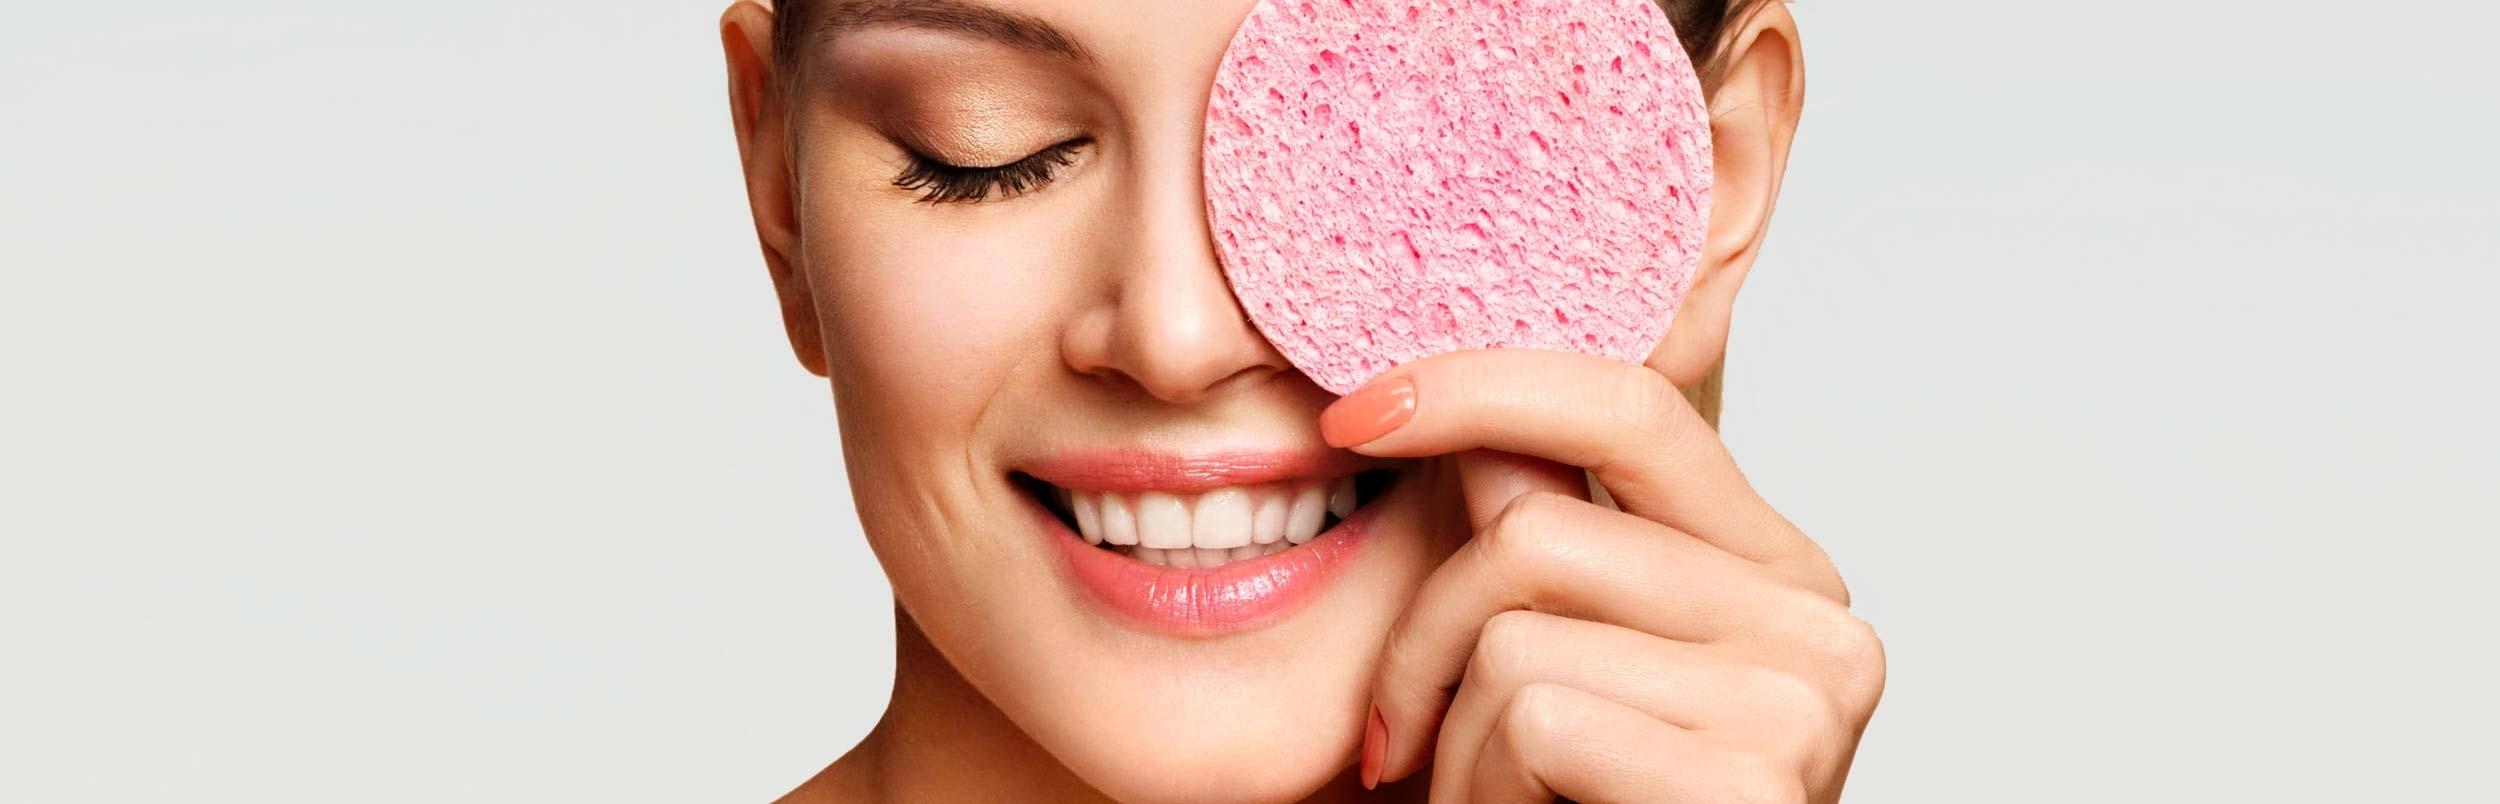 Rosazea behandeln mit ZO® Skin Health und ZO® Medical